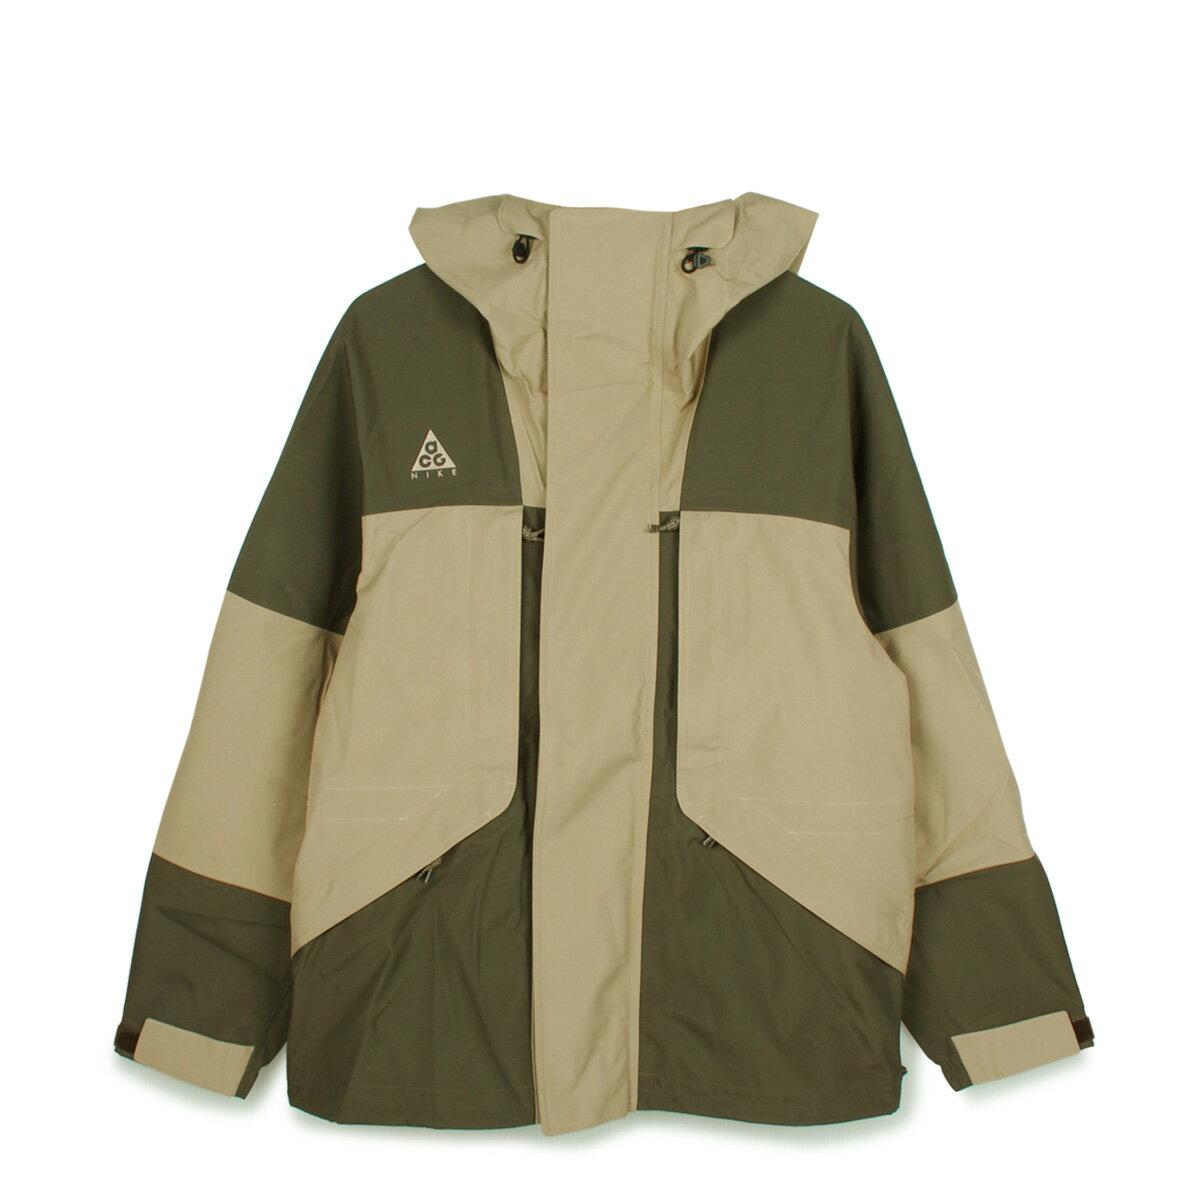 メンズファッション, コート・ジャケット 1000OFF NIKE ACG AS M NRG ACG JKT HD GORETEX CARGO CT2937-325